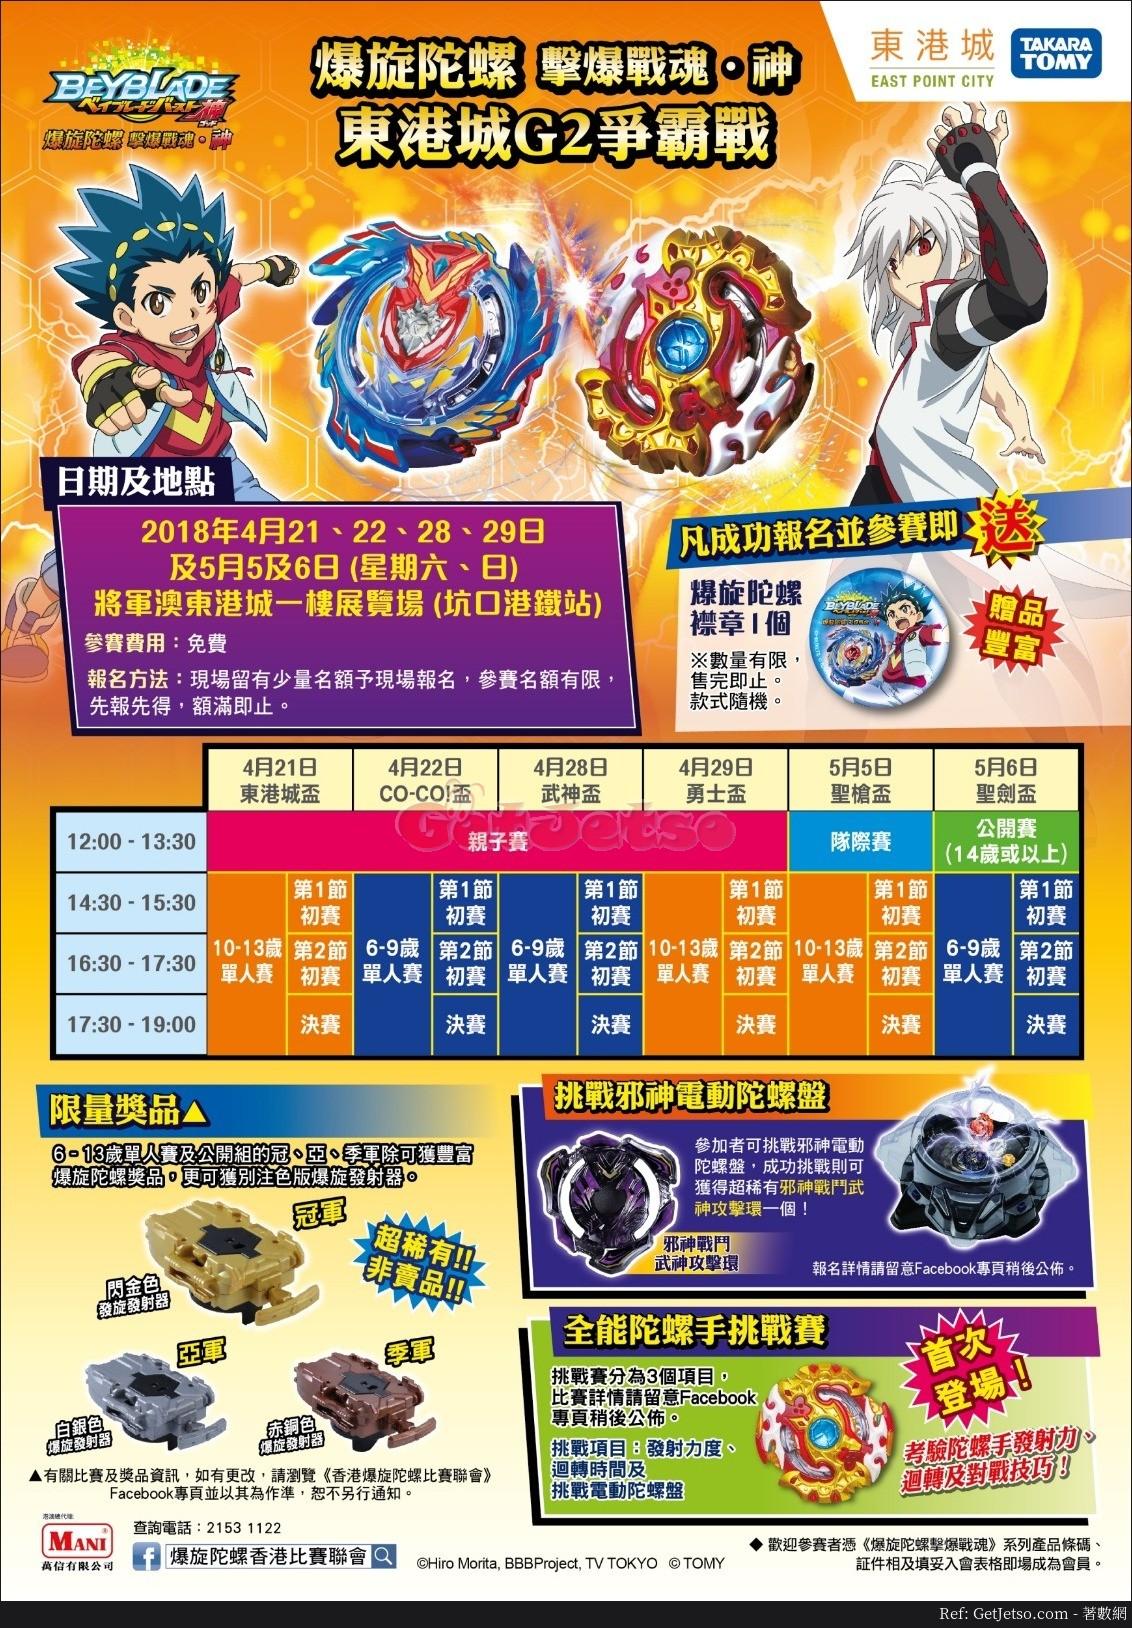 初夏日本名牌玩具祭低至2折優惠(至18年5月6日)